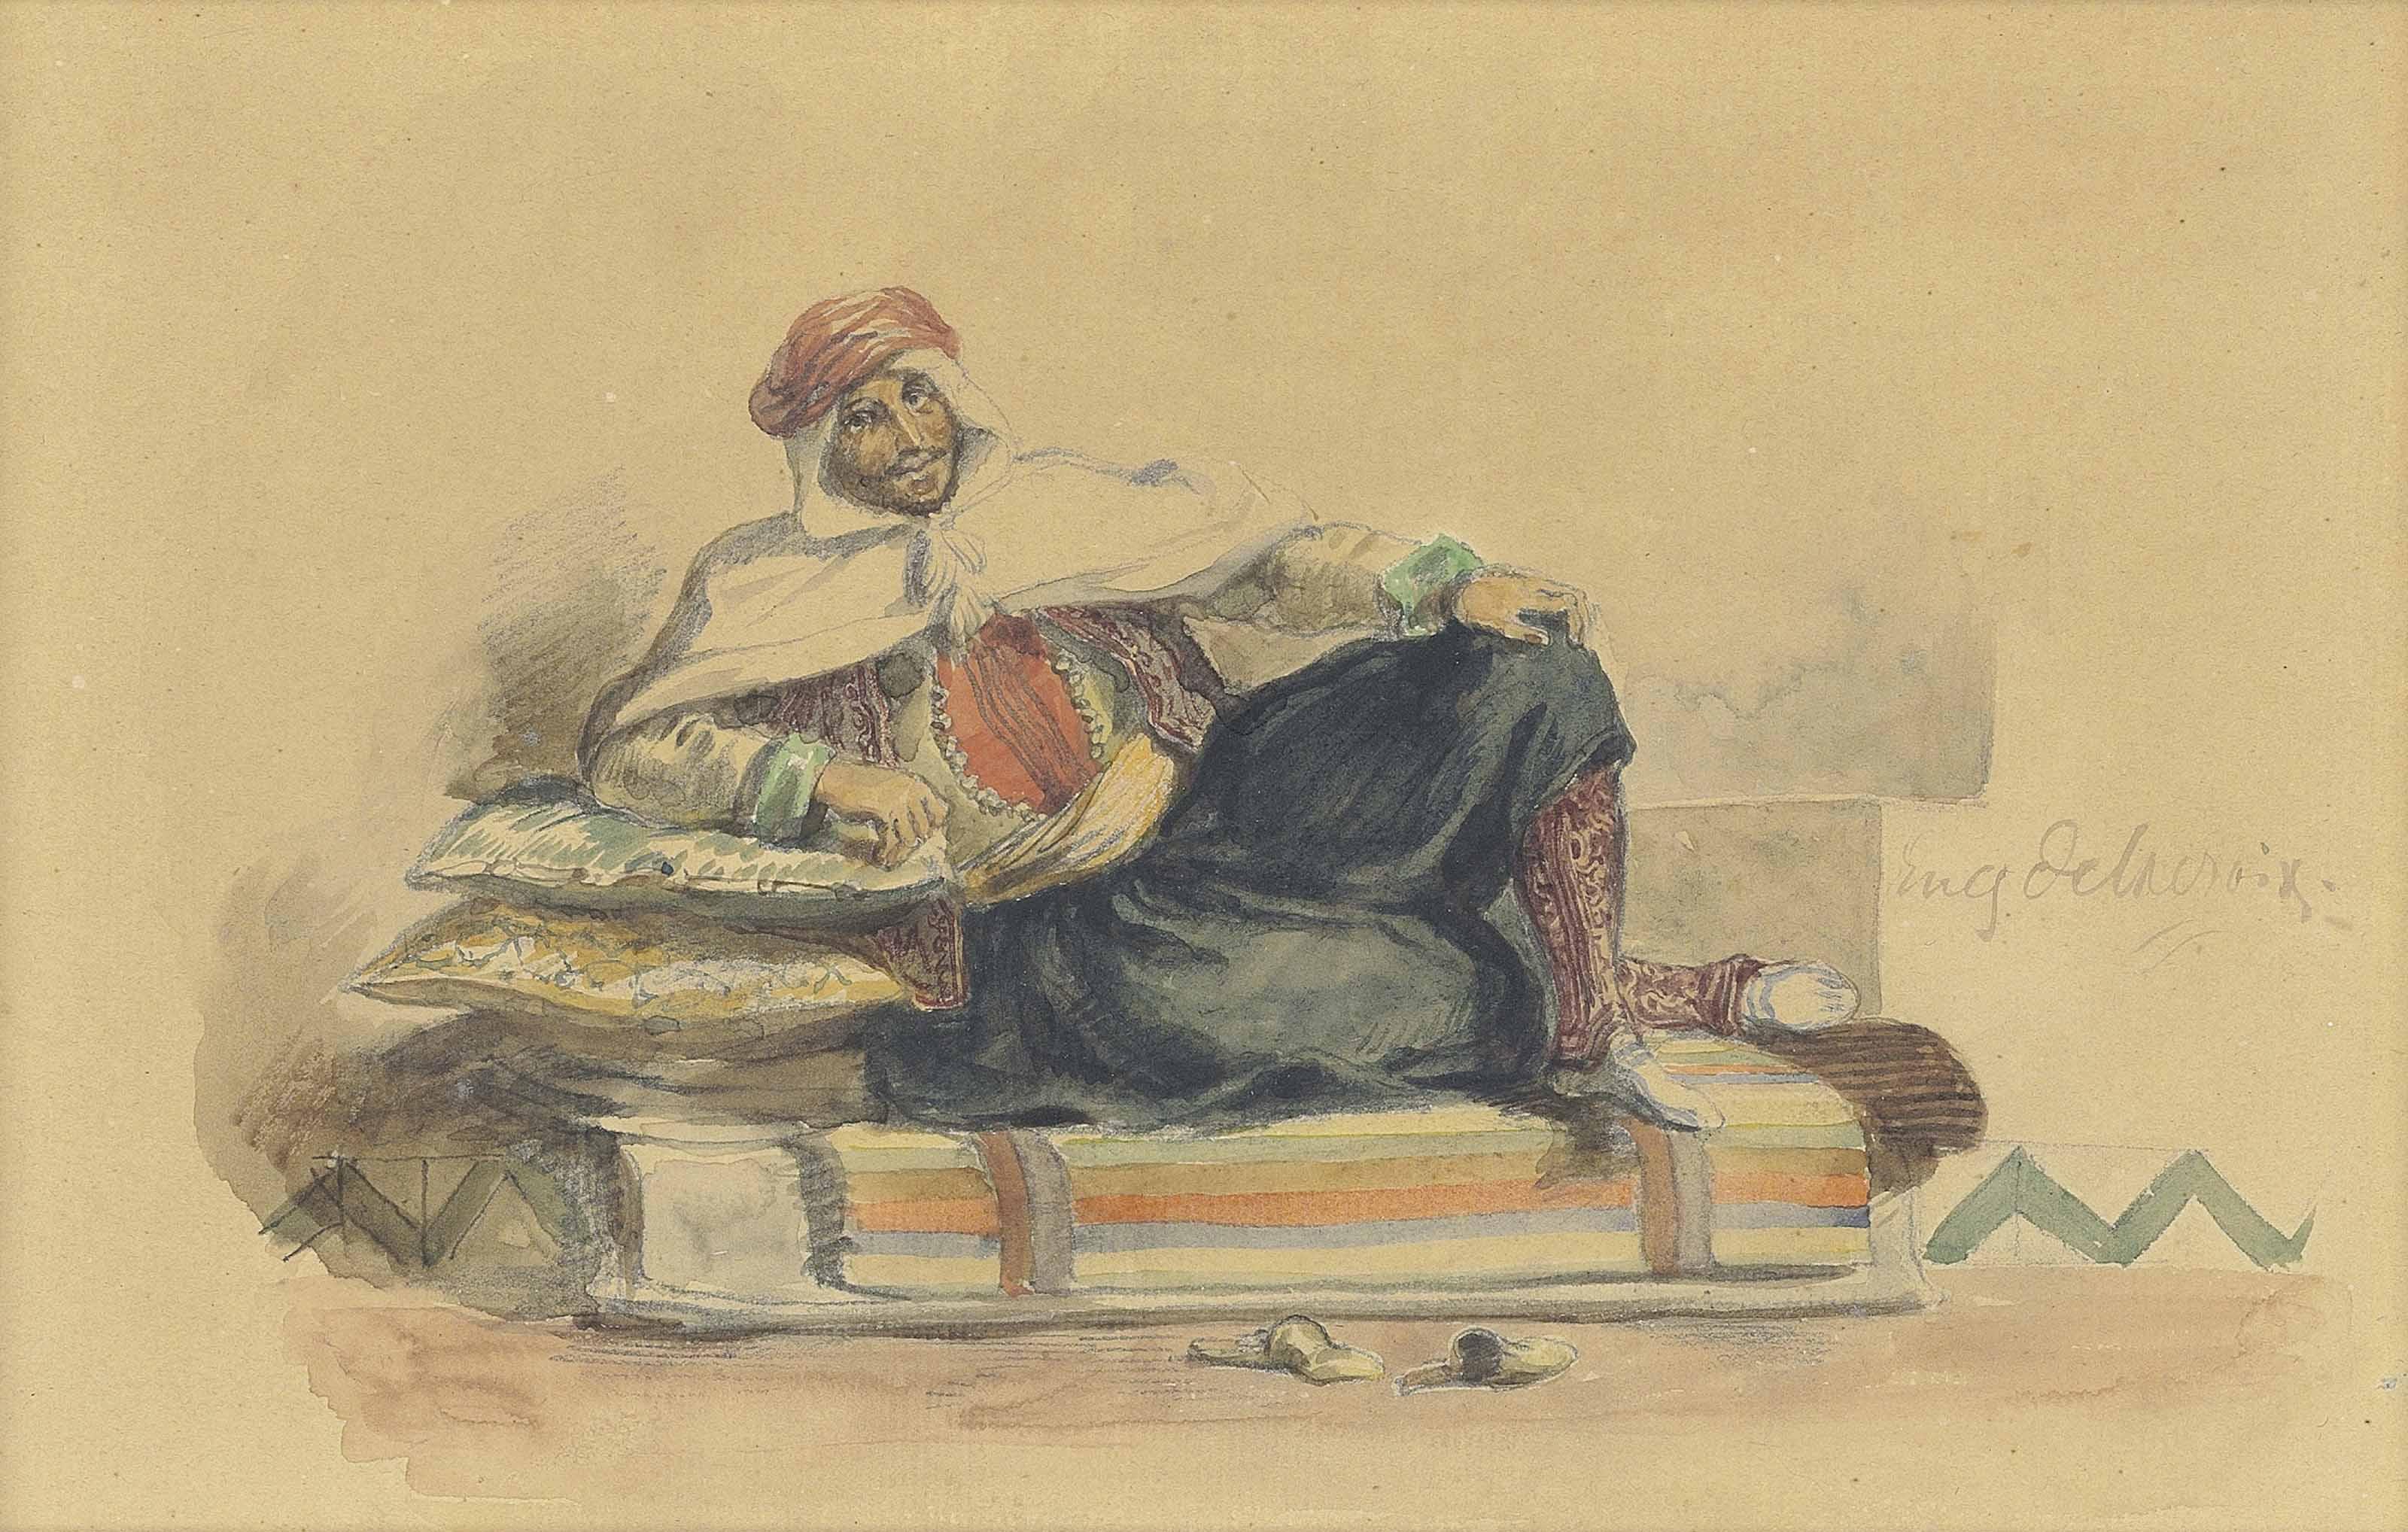 Eugène-Victor-Ferdinand Delacr